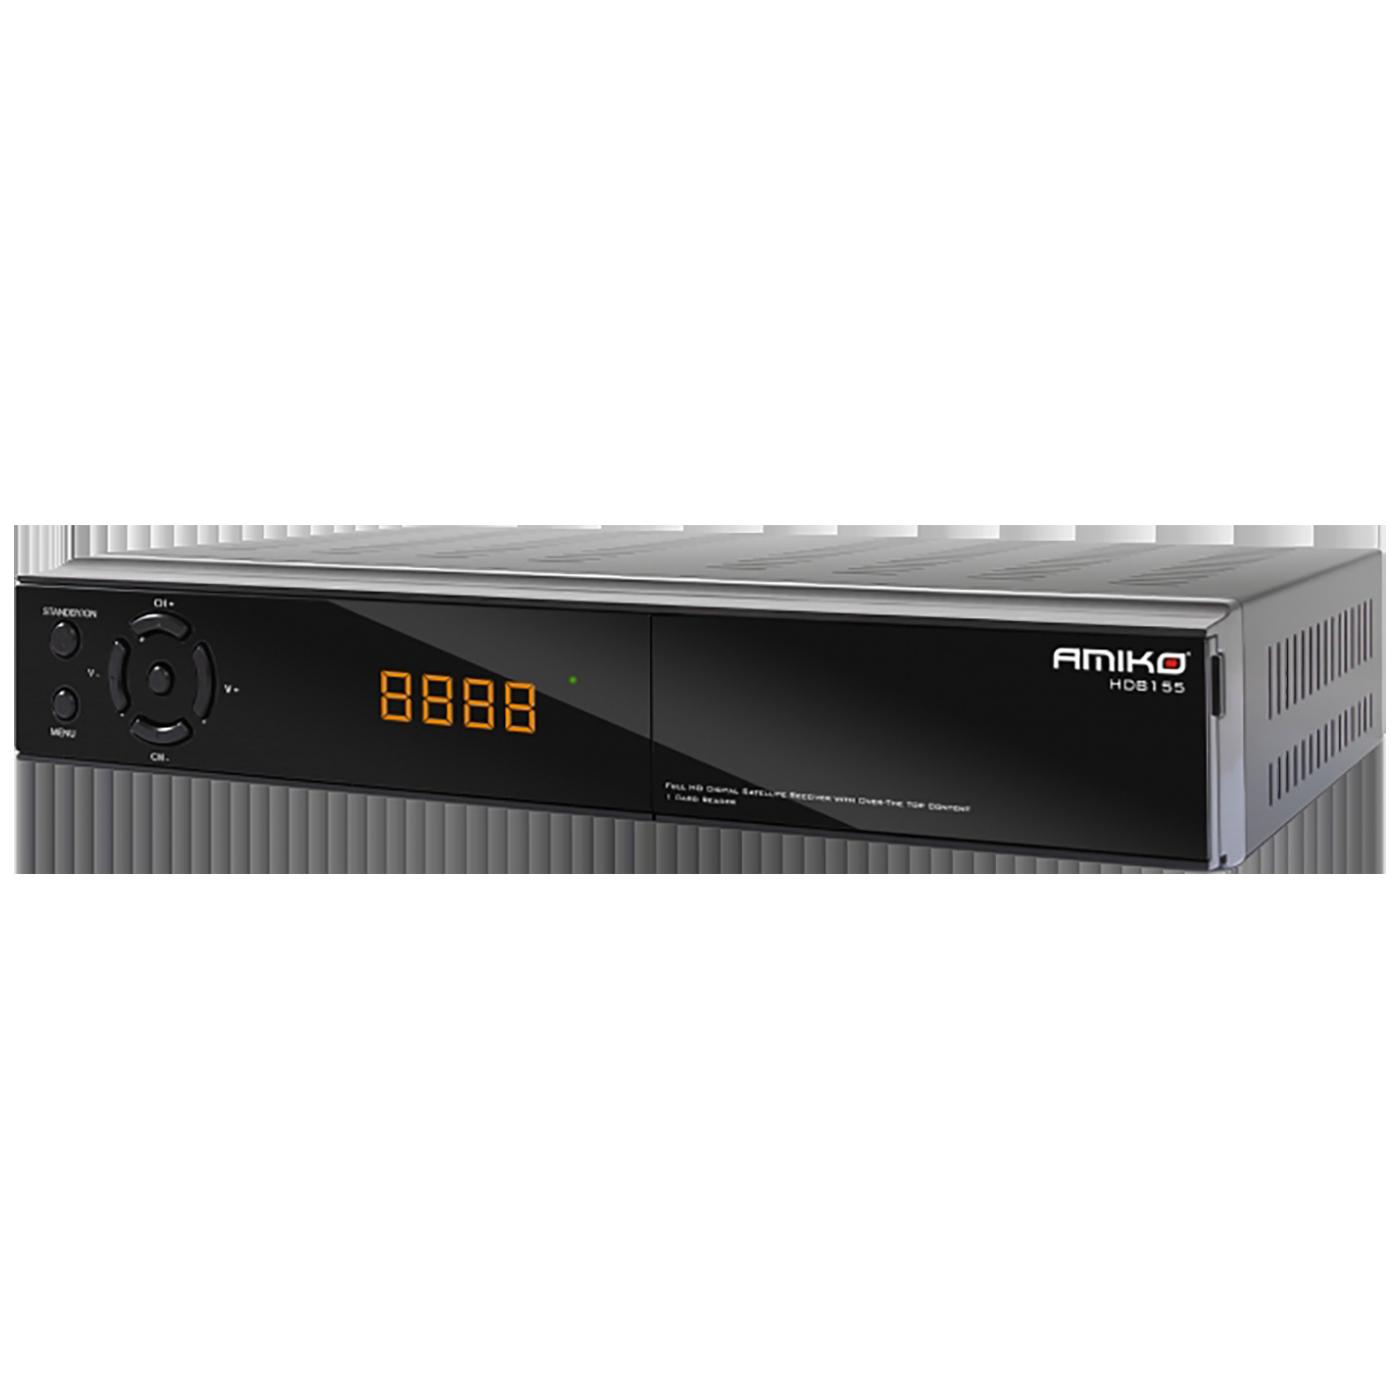 Amiko - HD8155